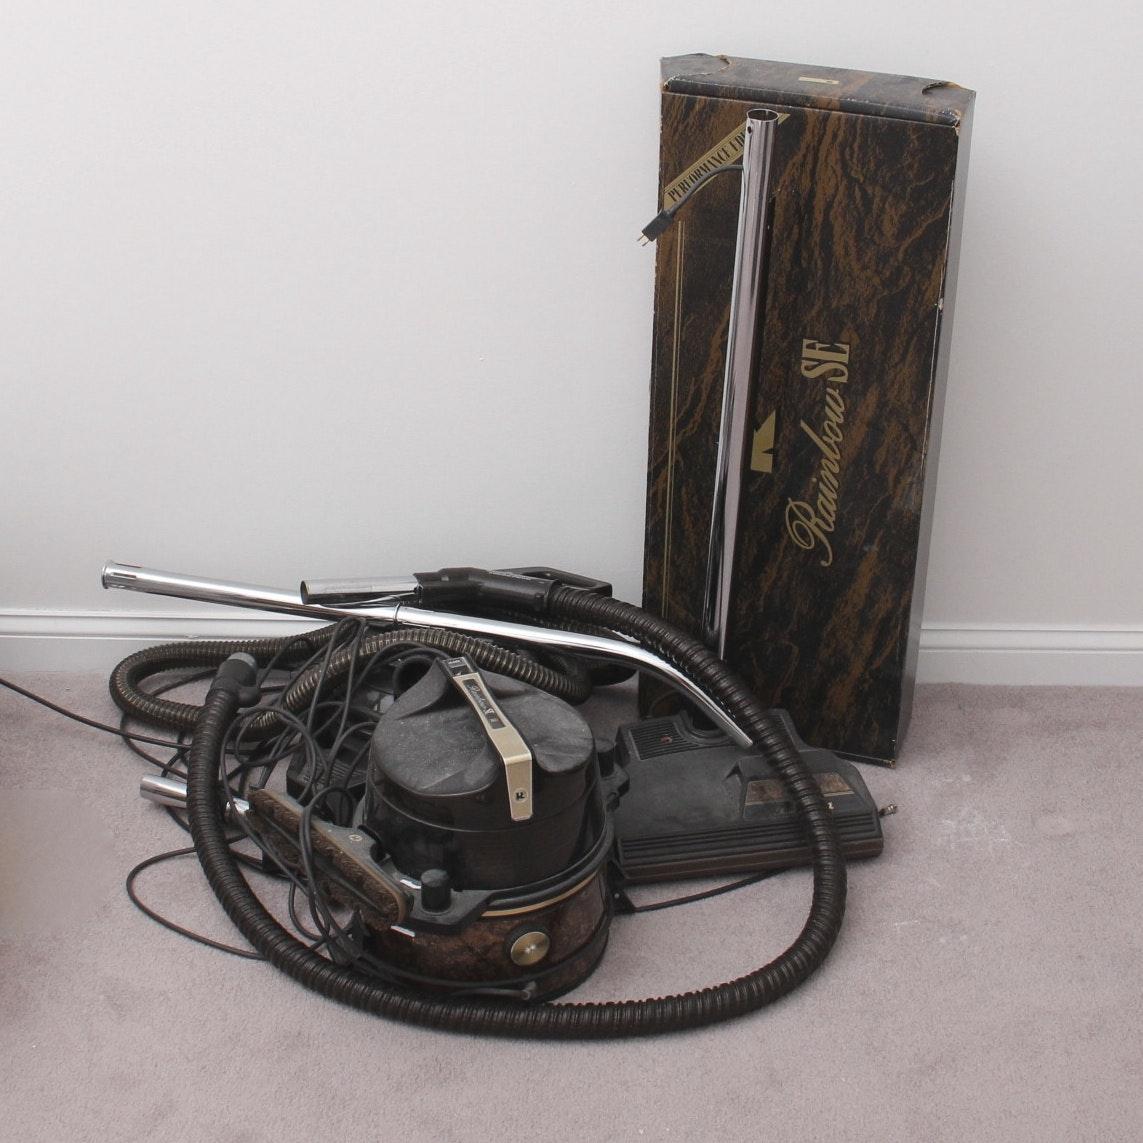 Rainbow SE Vacuum Cleaner